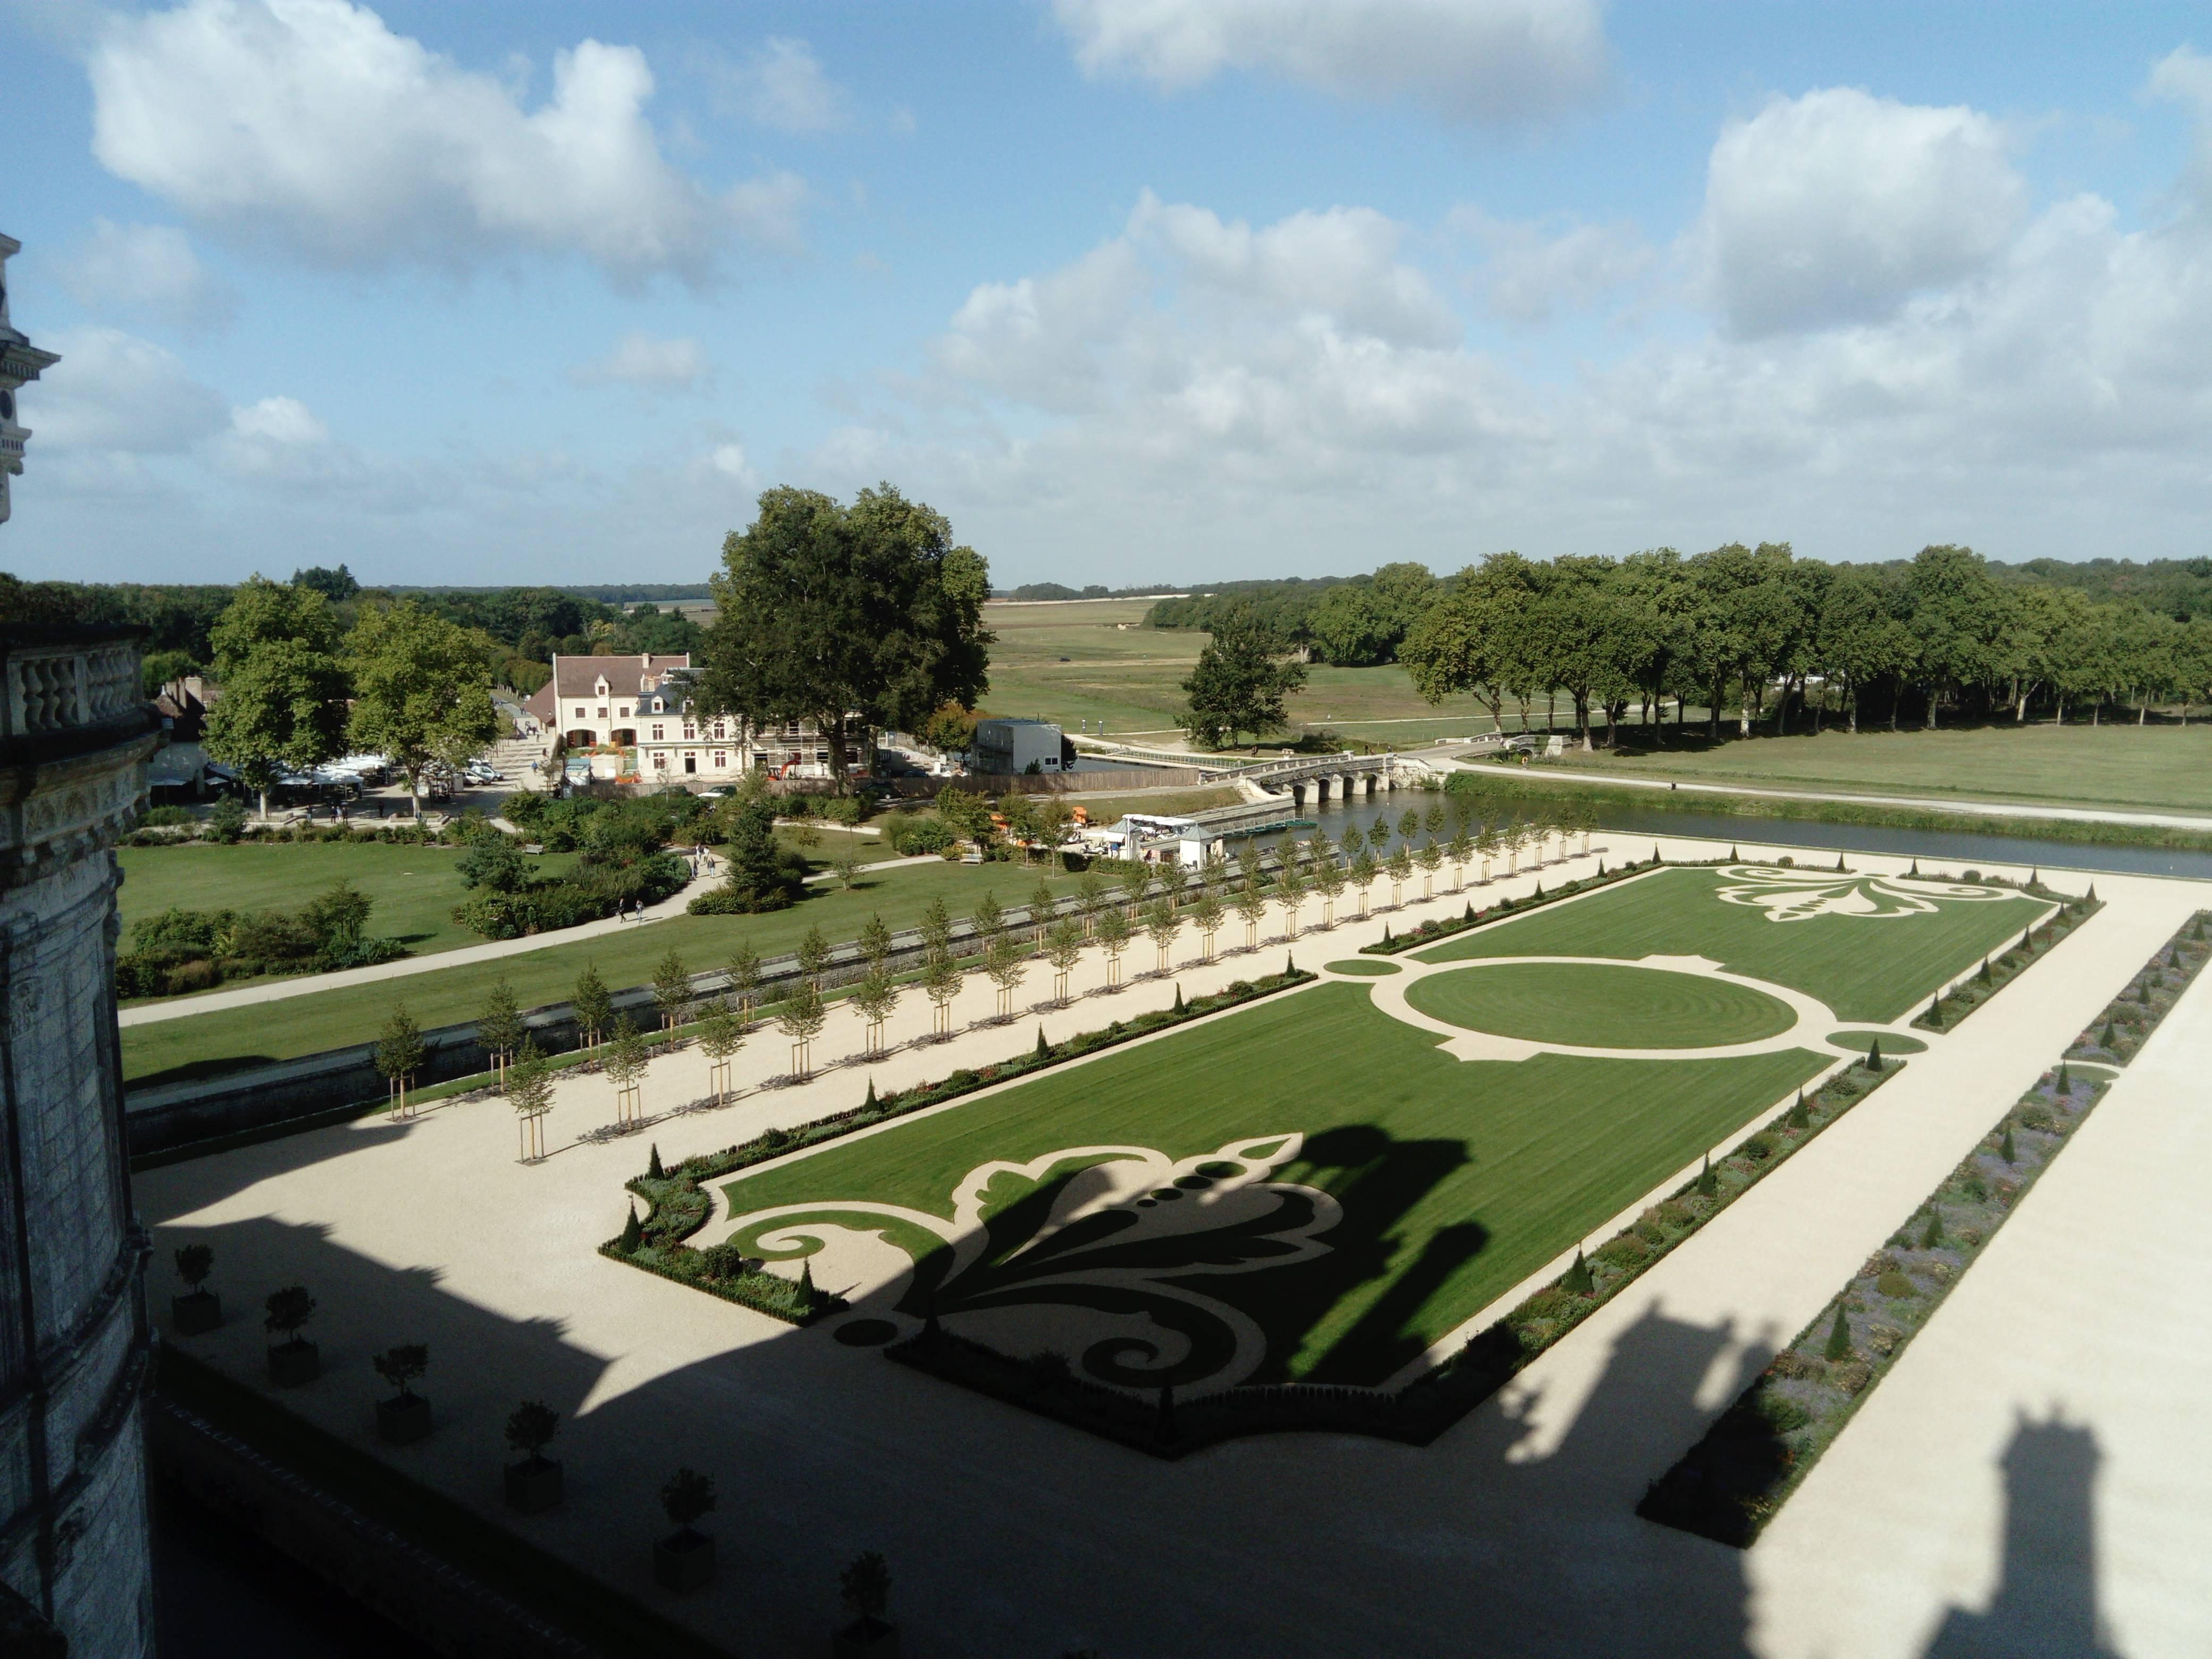 Photo 2: Visite du château de Chambord